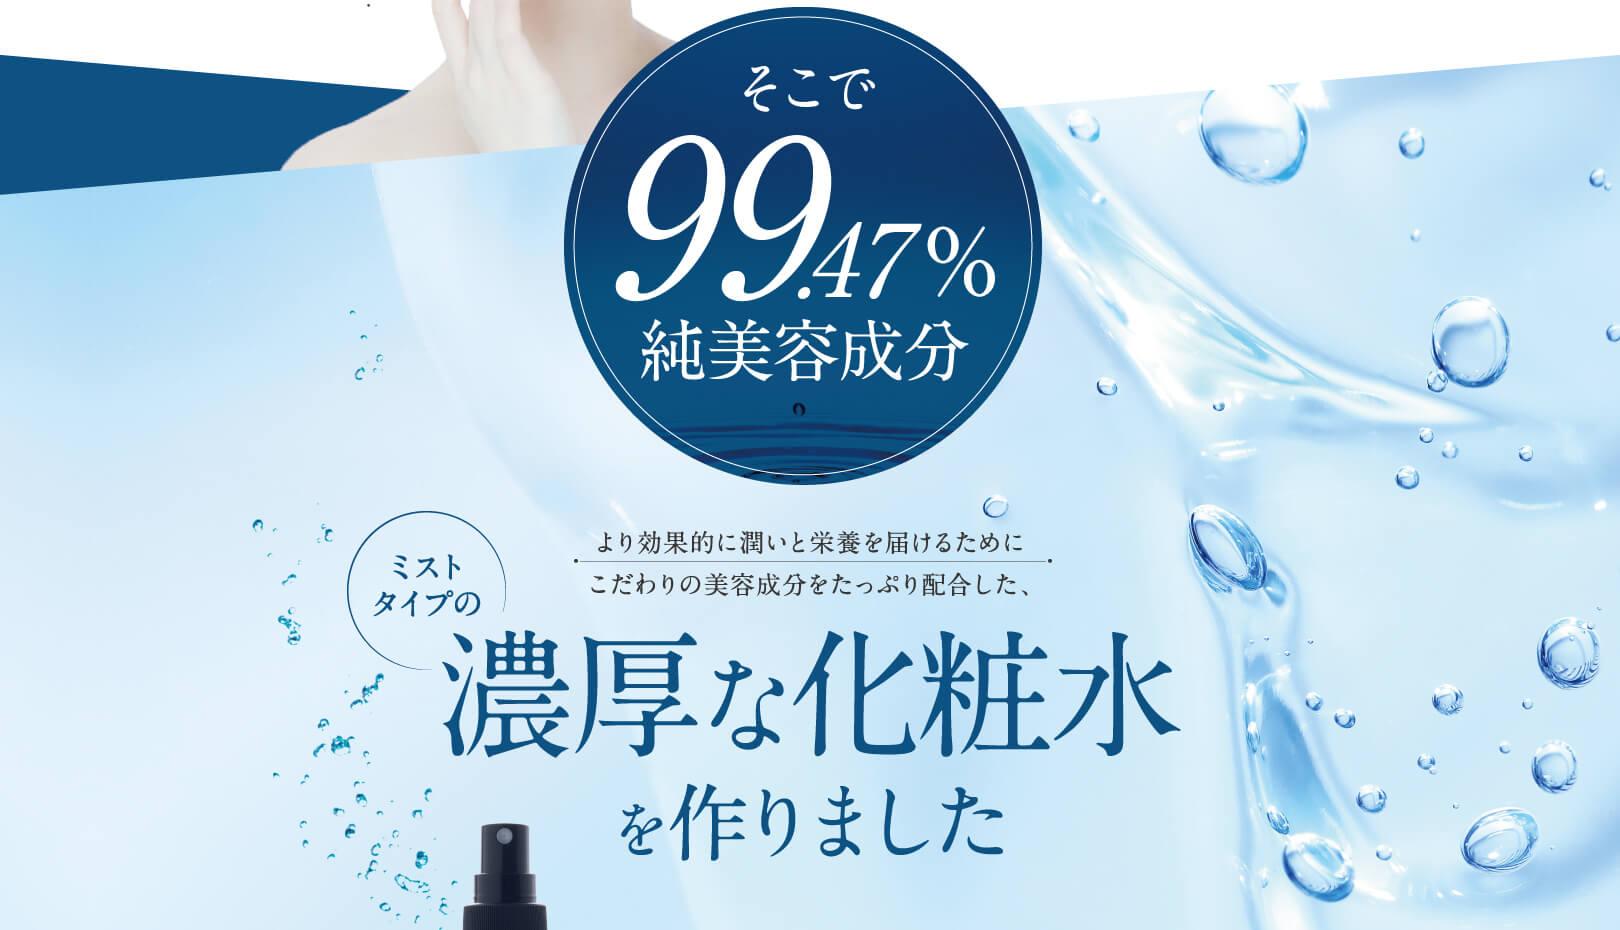 そこで99.47%純美容成分ミストタイプの濃厚な化粧水を作りました